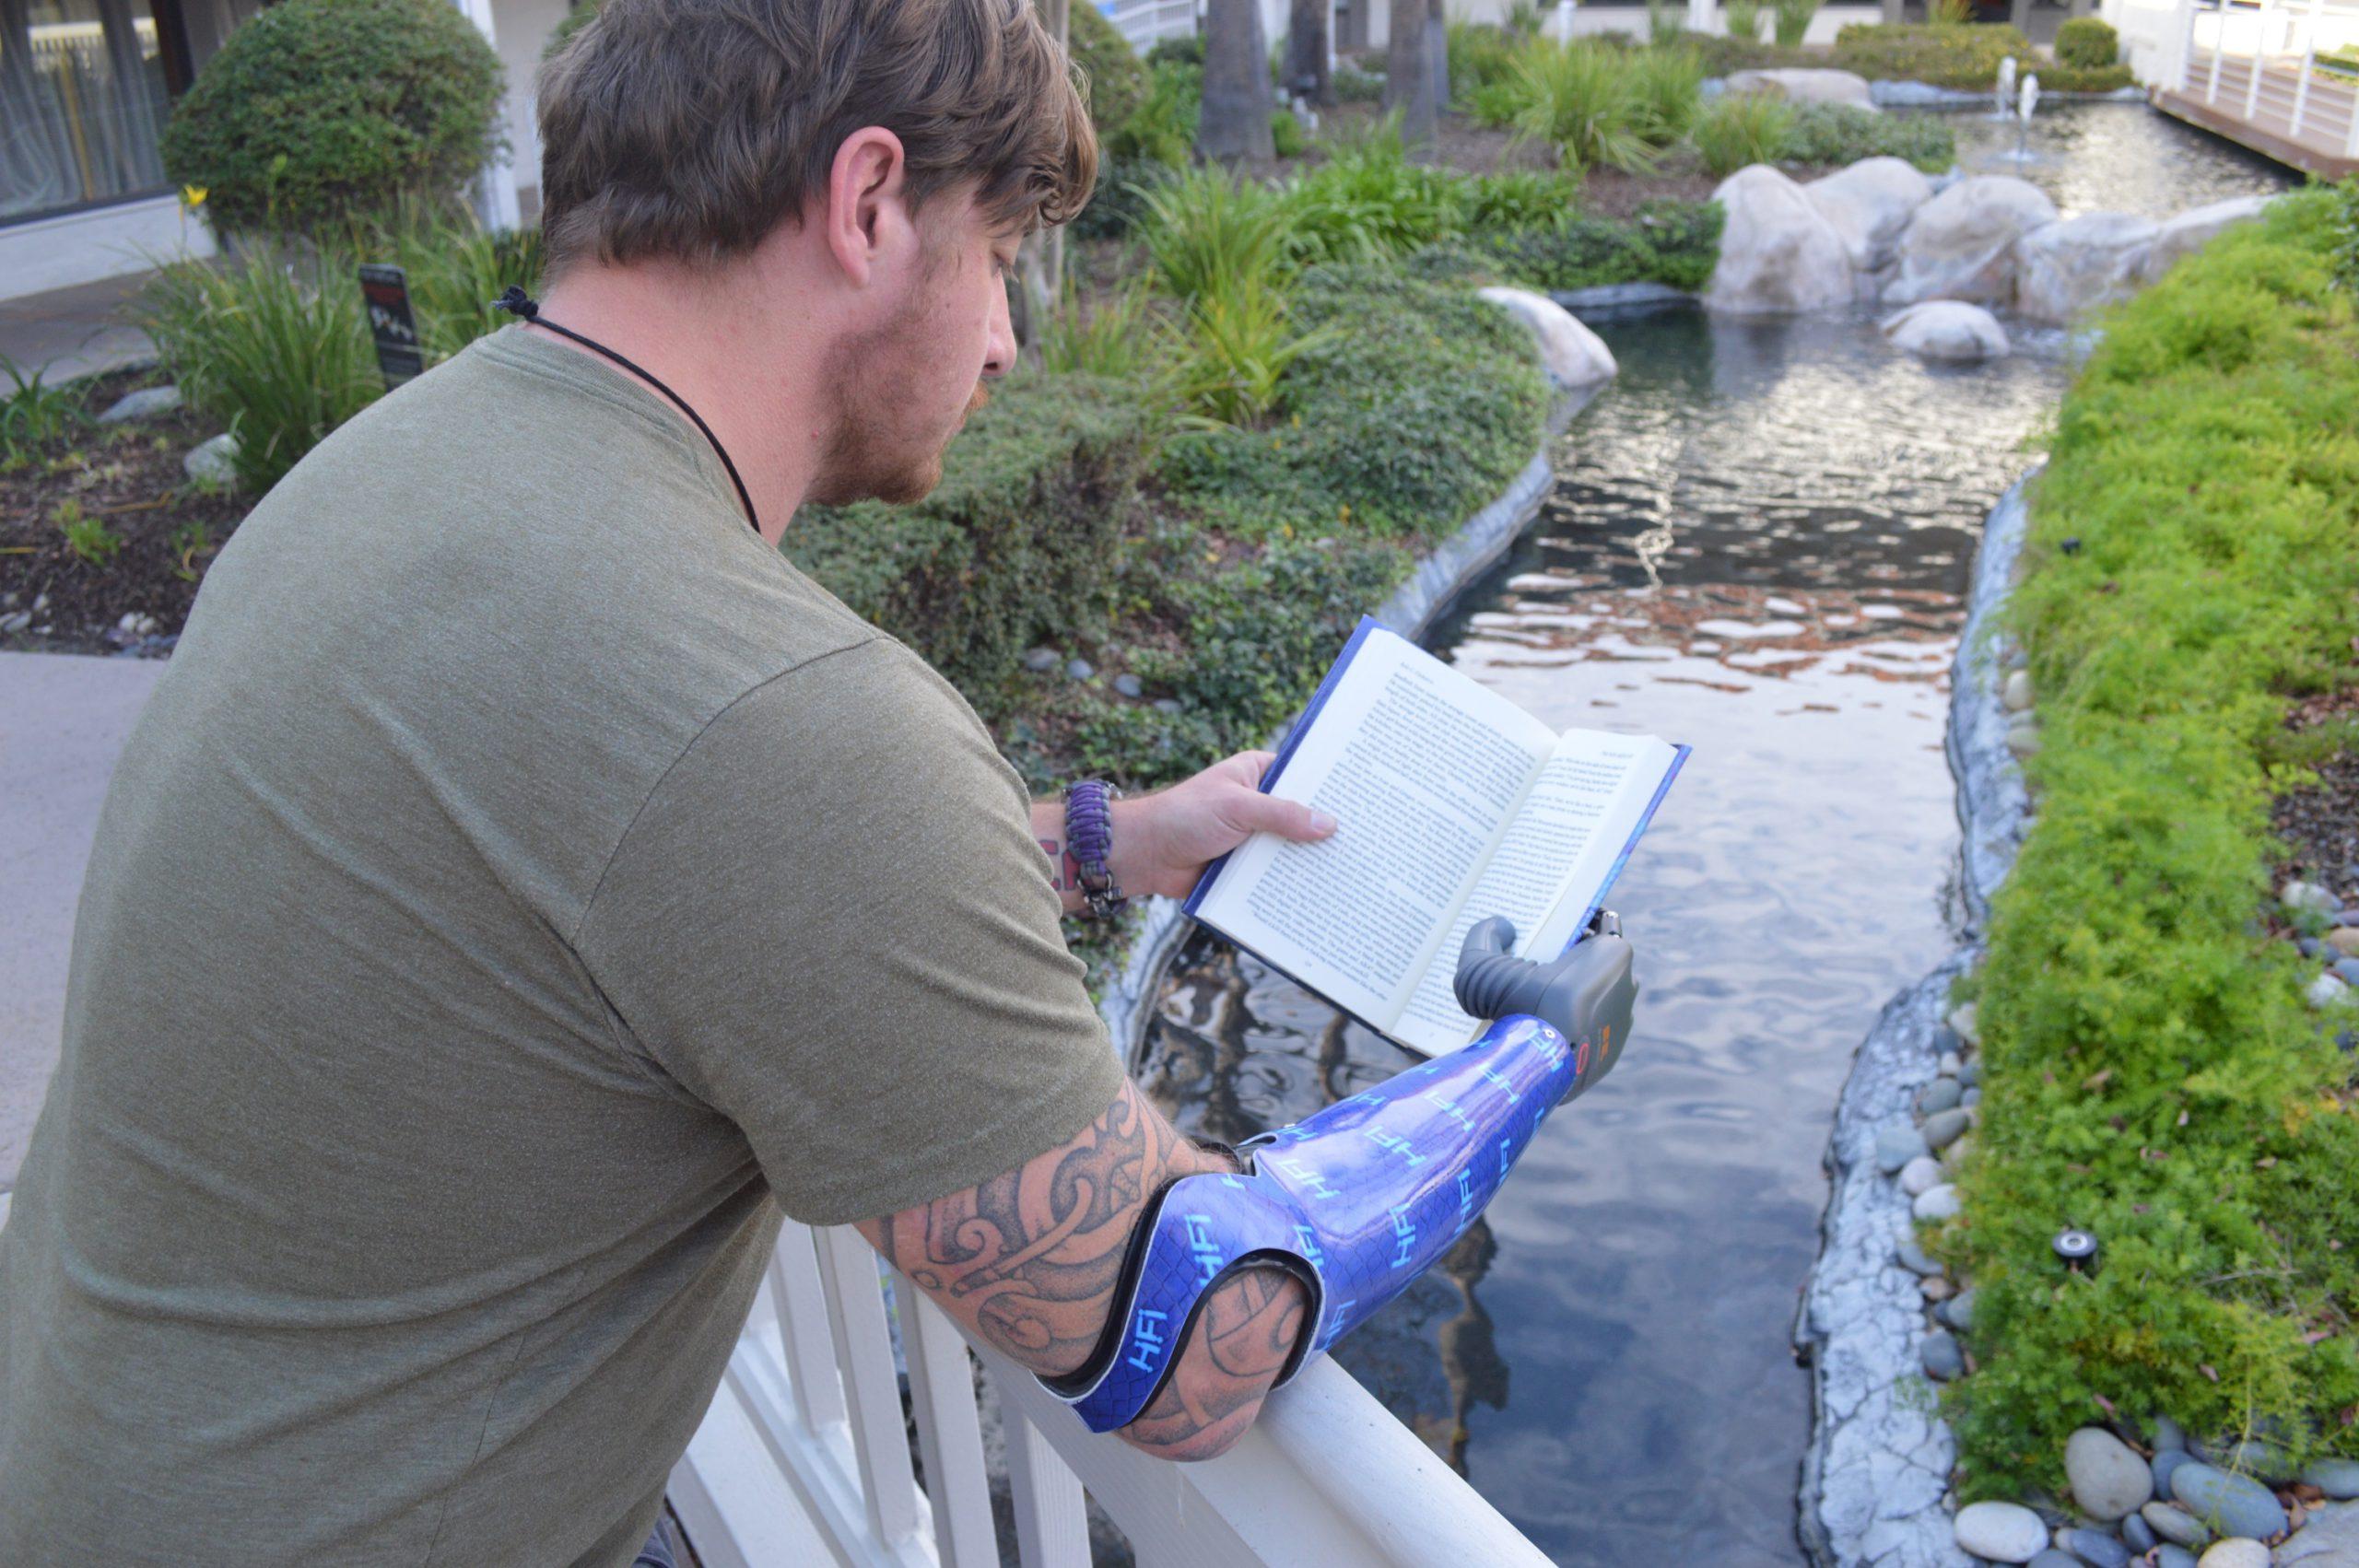 BrainRobotics_prosthetic-hand_readingbook